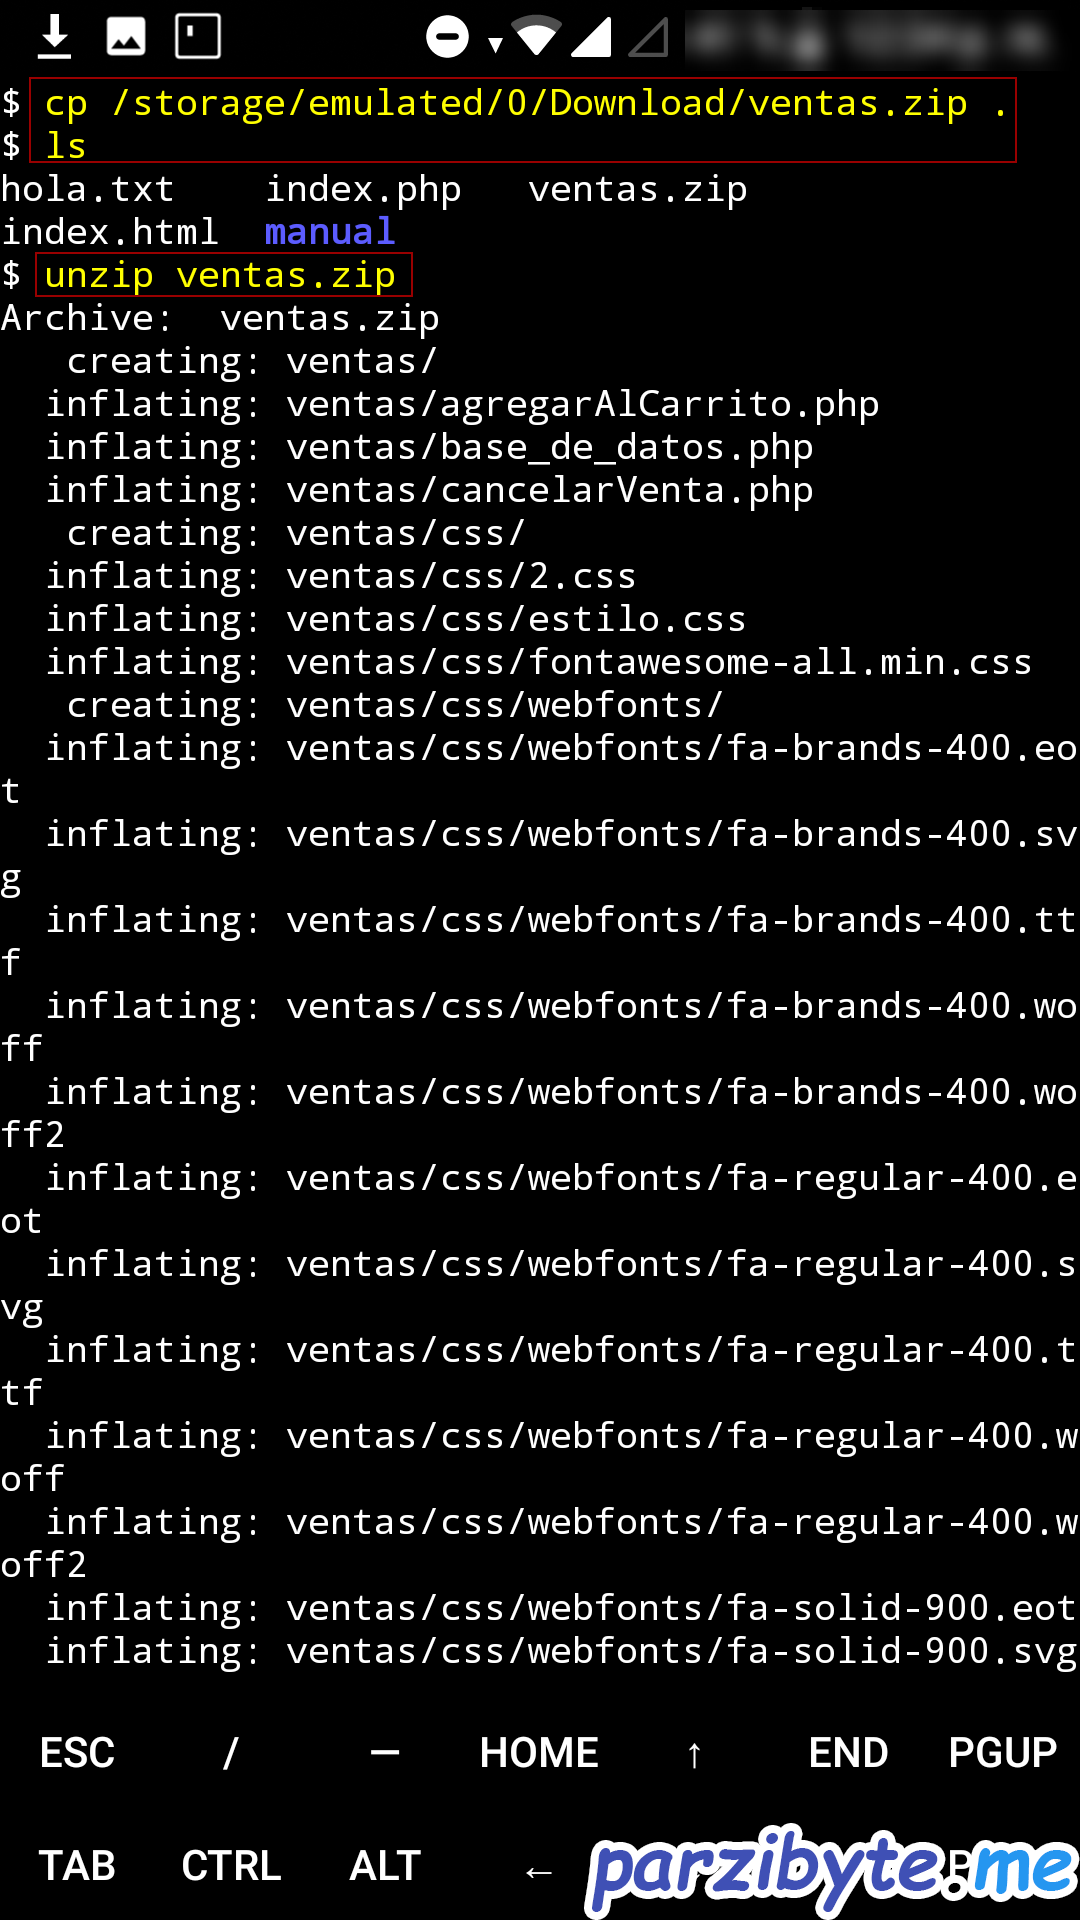 Copiar proyecto de ventas a htdocs para montar aplicación web en android usando Termux